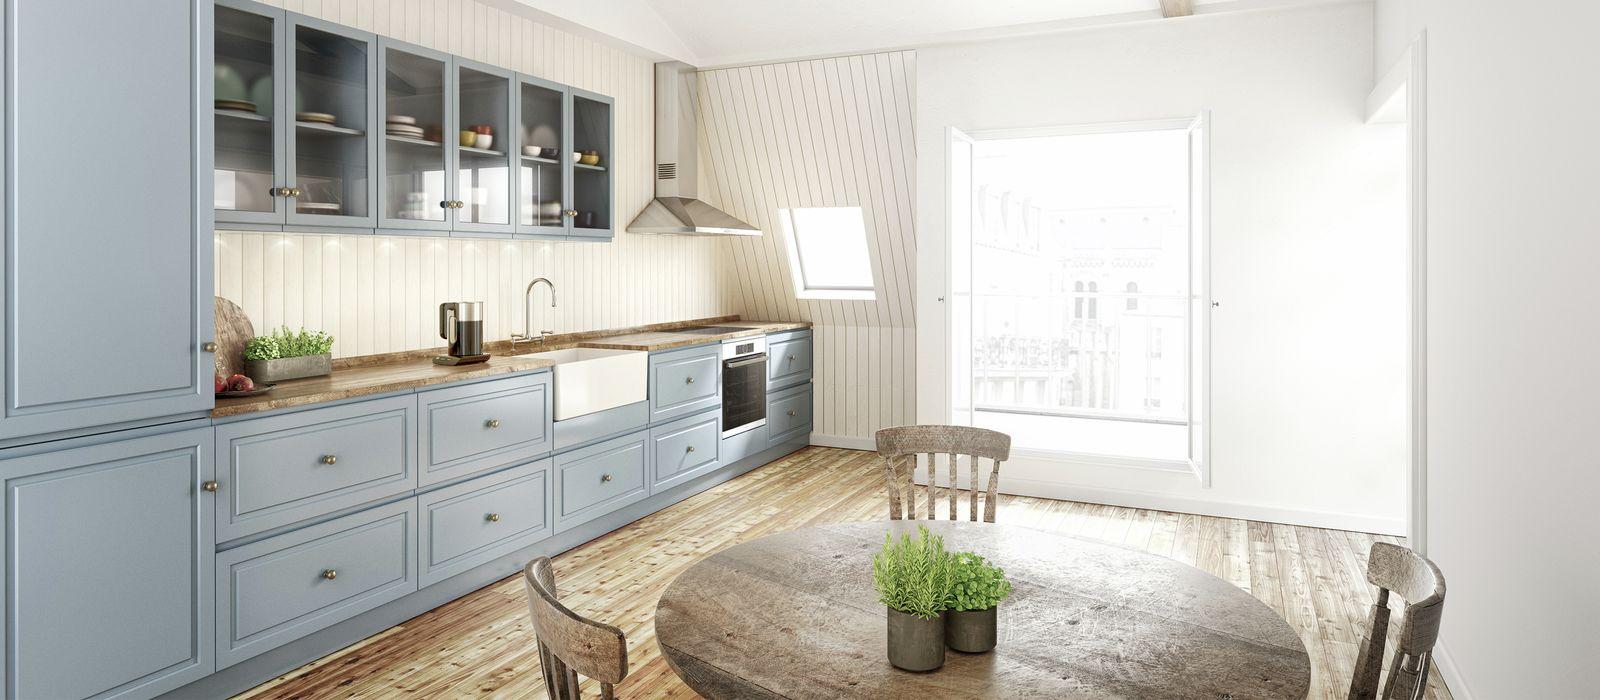 kitchen planners redo my 博世厨房规划师 bosch 田园厨房